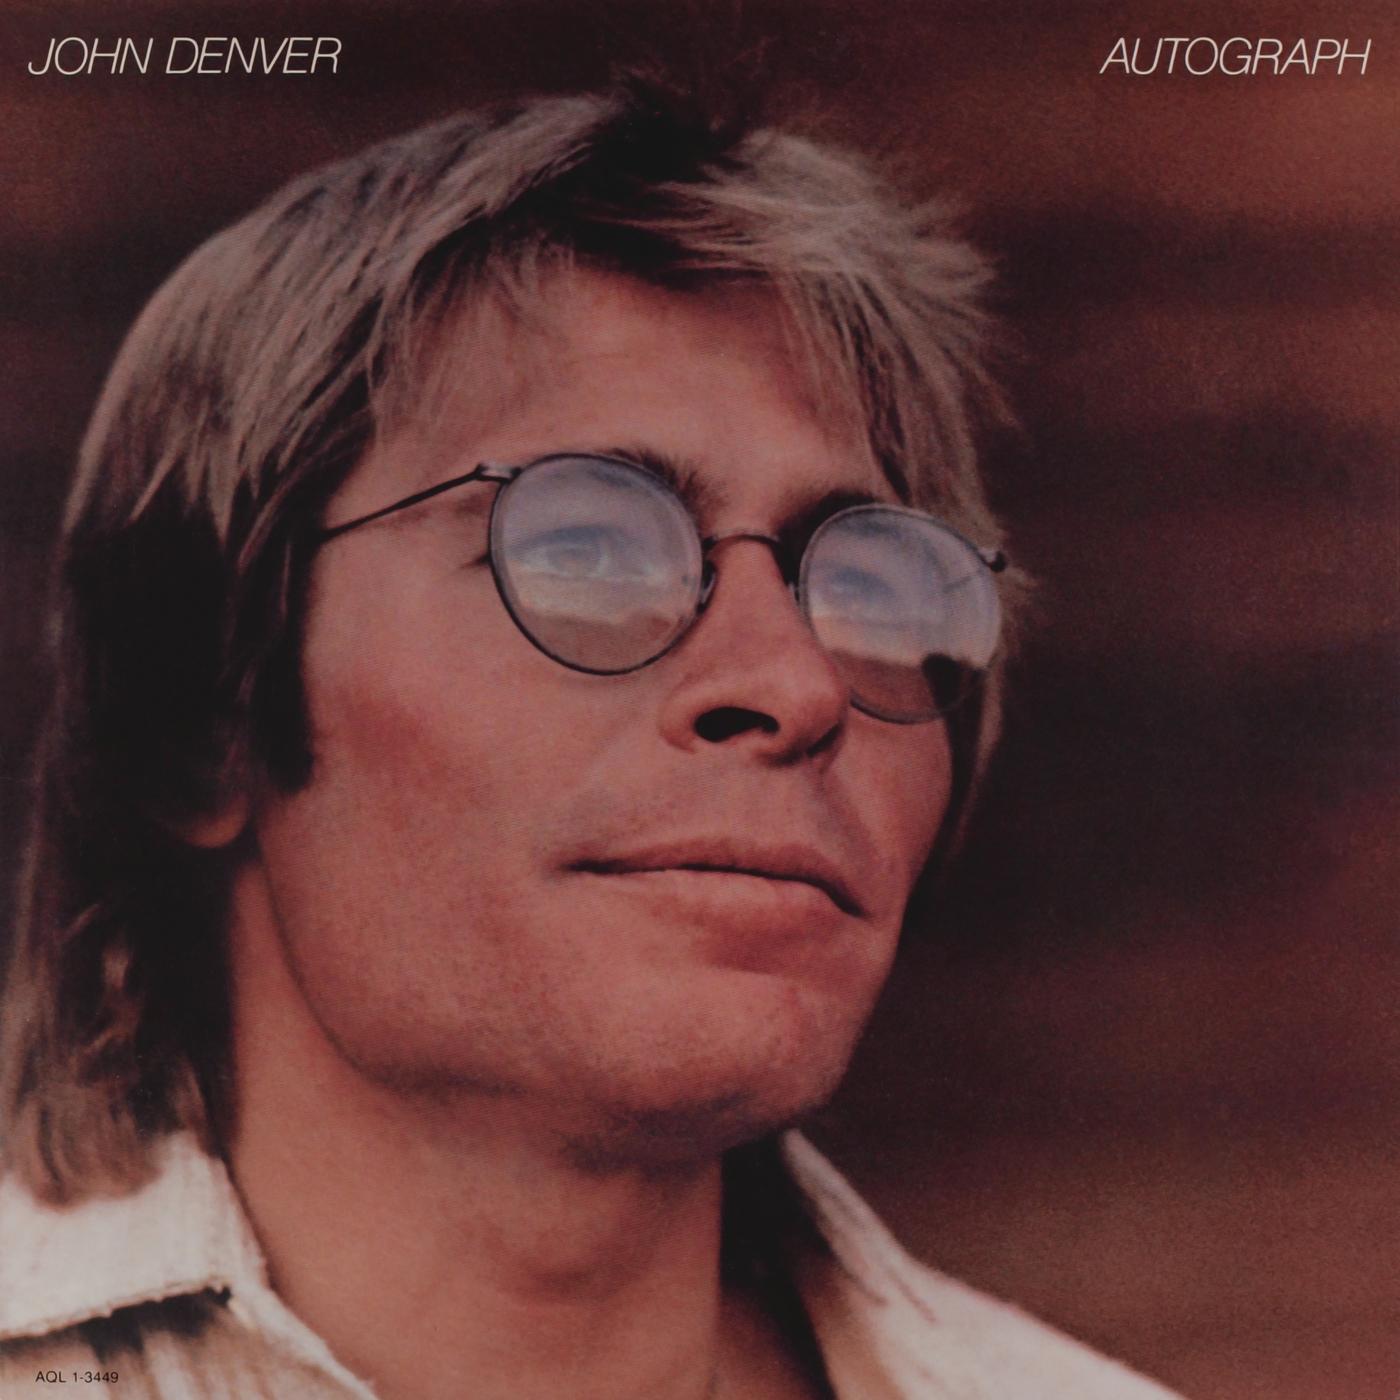 Autograph - John Denver